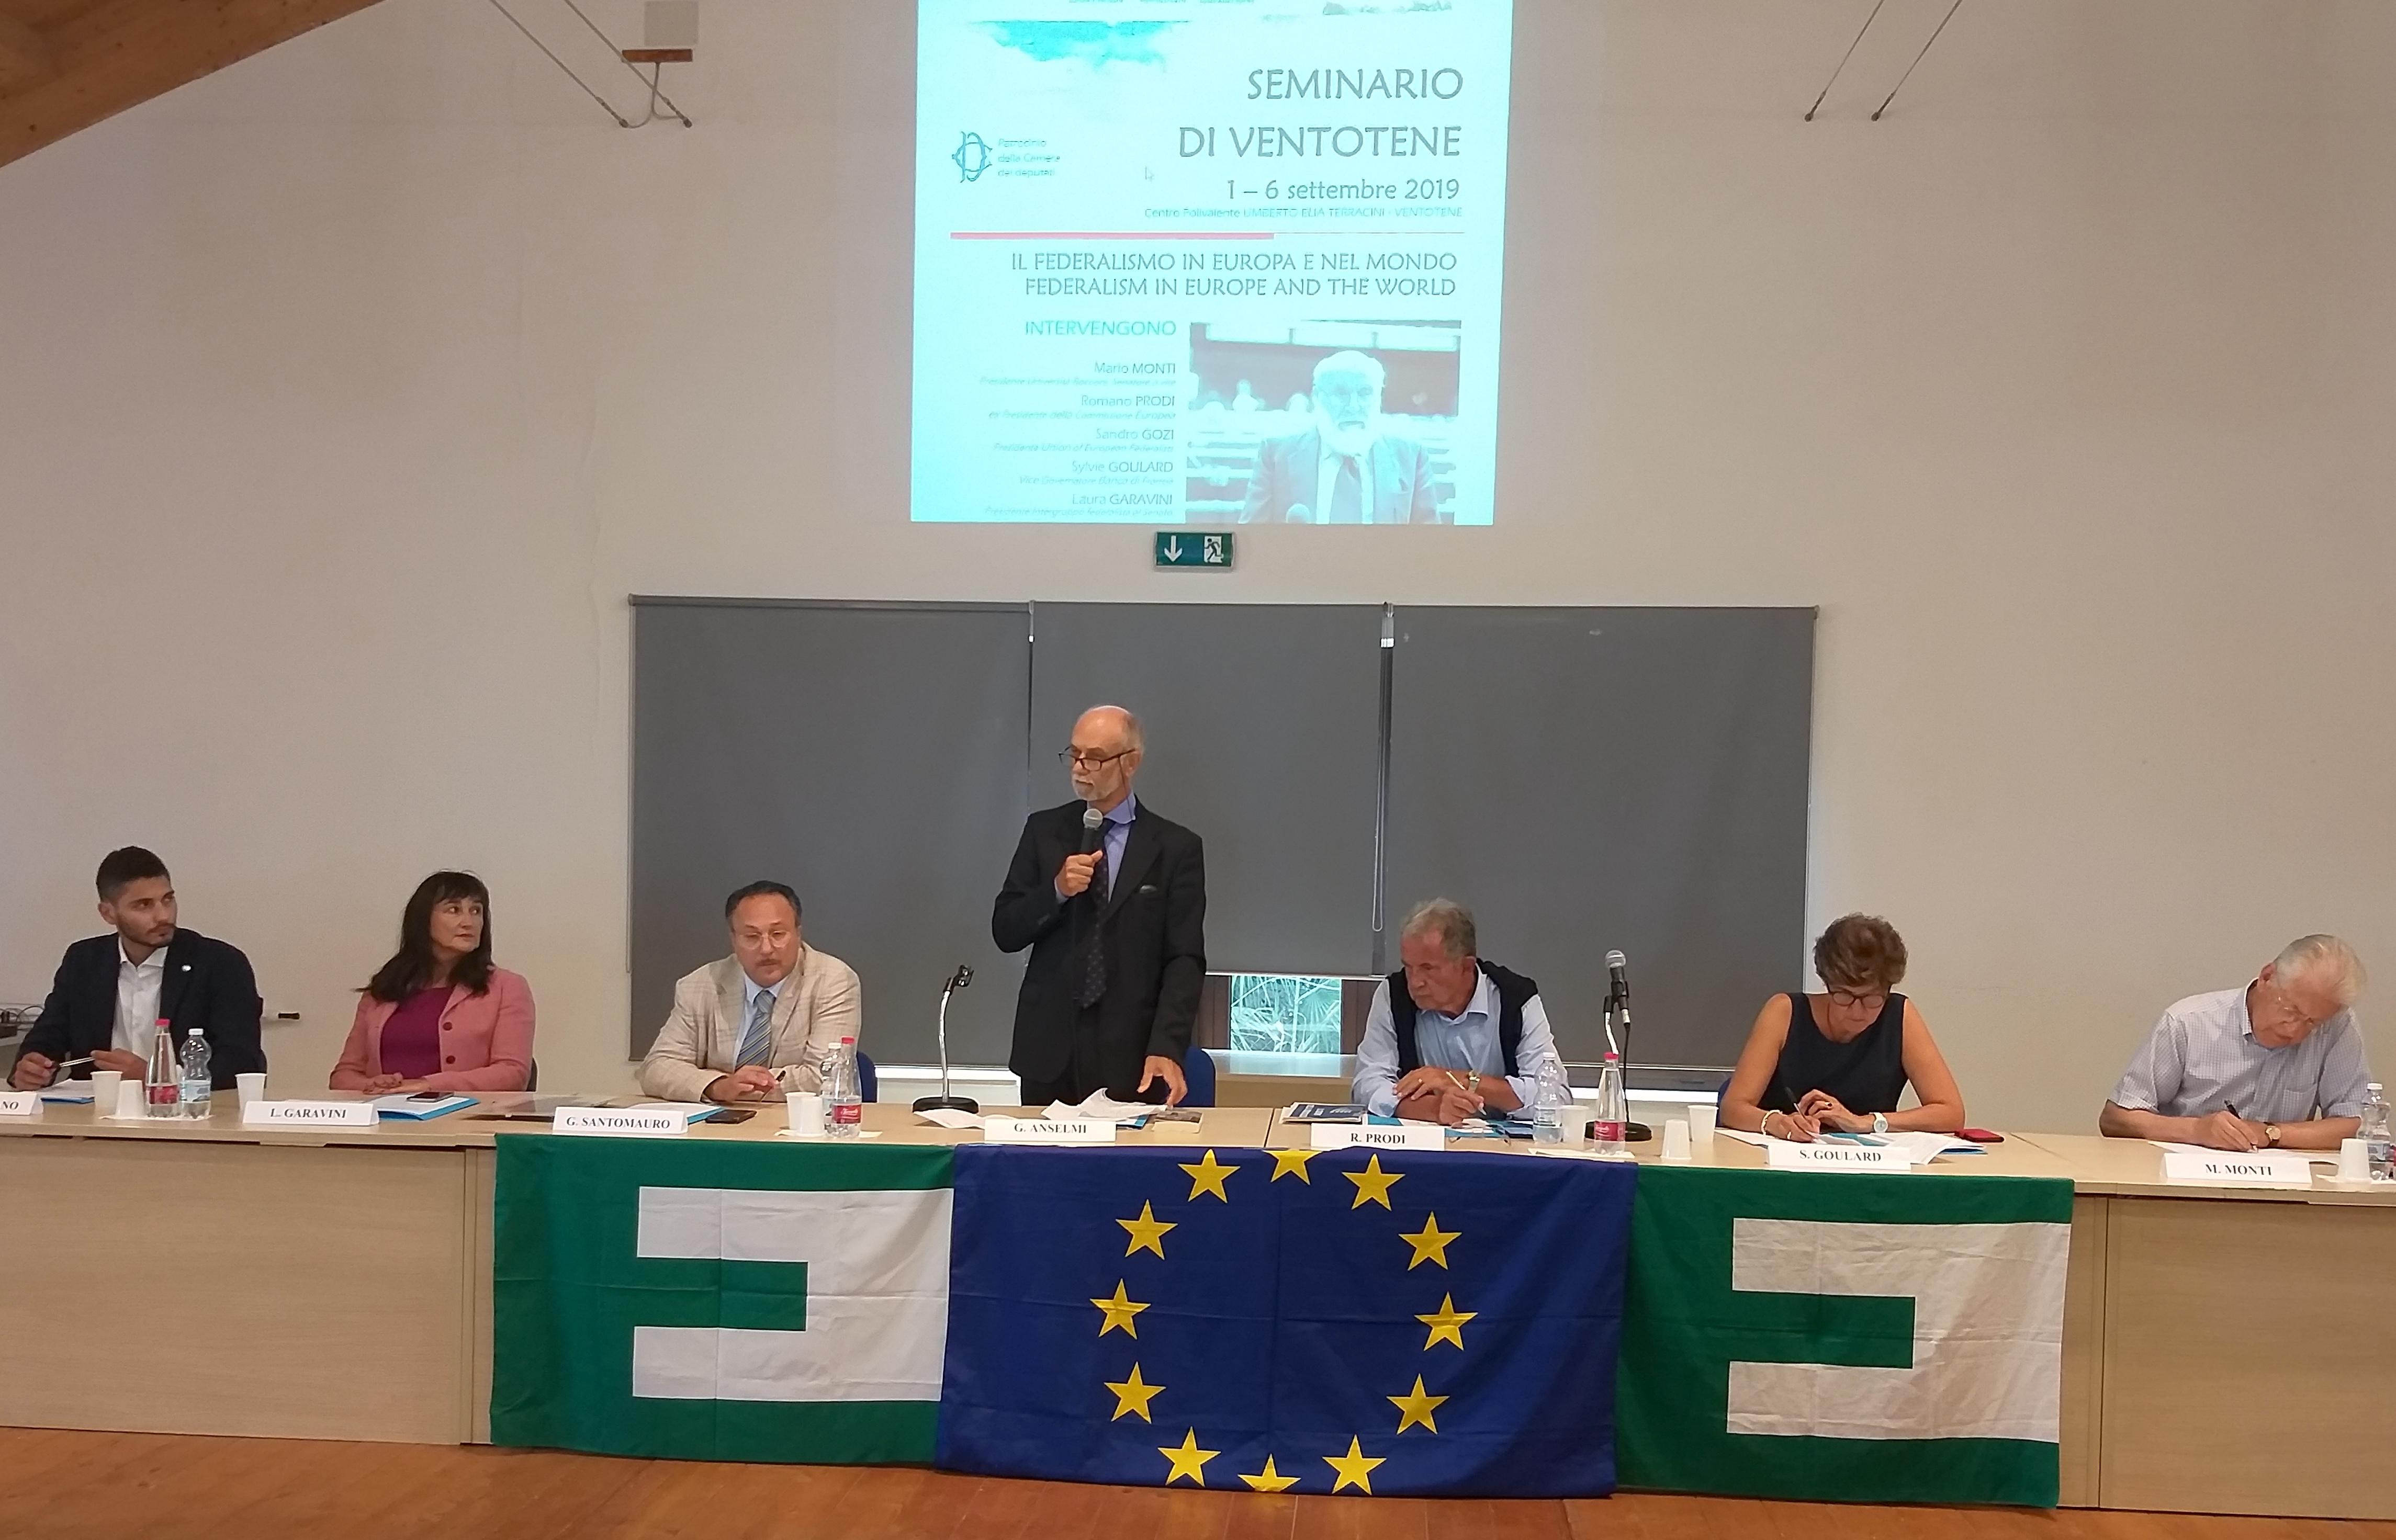 """Prodi: """"Non c'è Europa senza l'Italia"""" – Goulard, Monti e Prodi all'apertura del Seminario di Ventotene"""